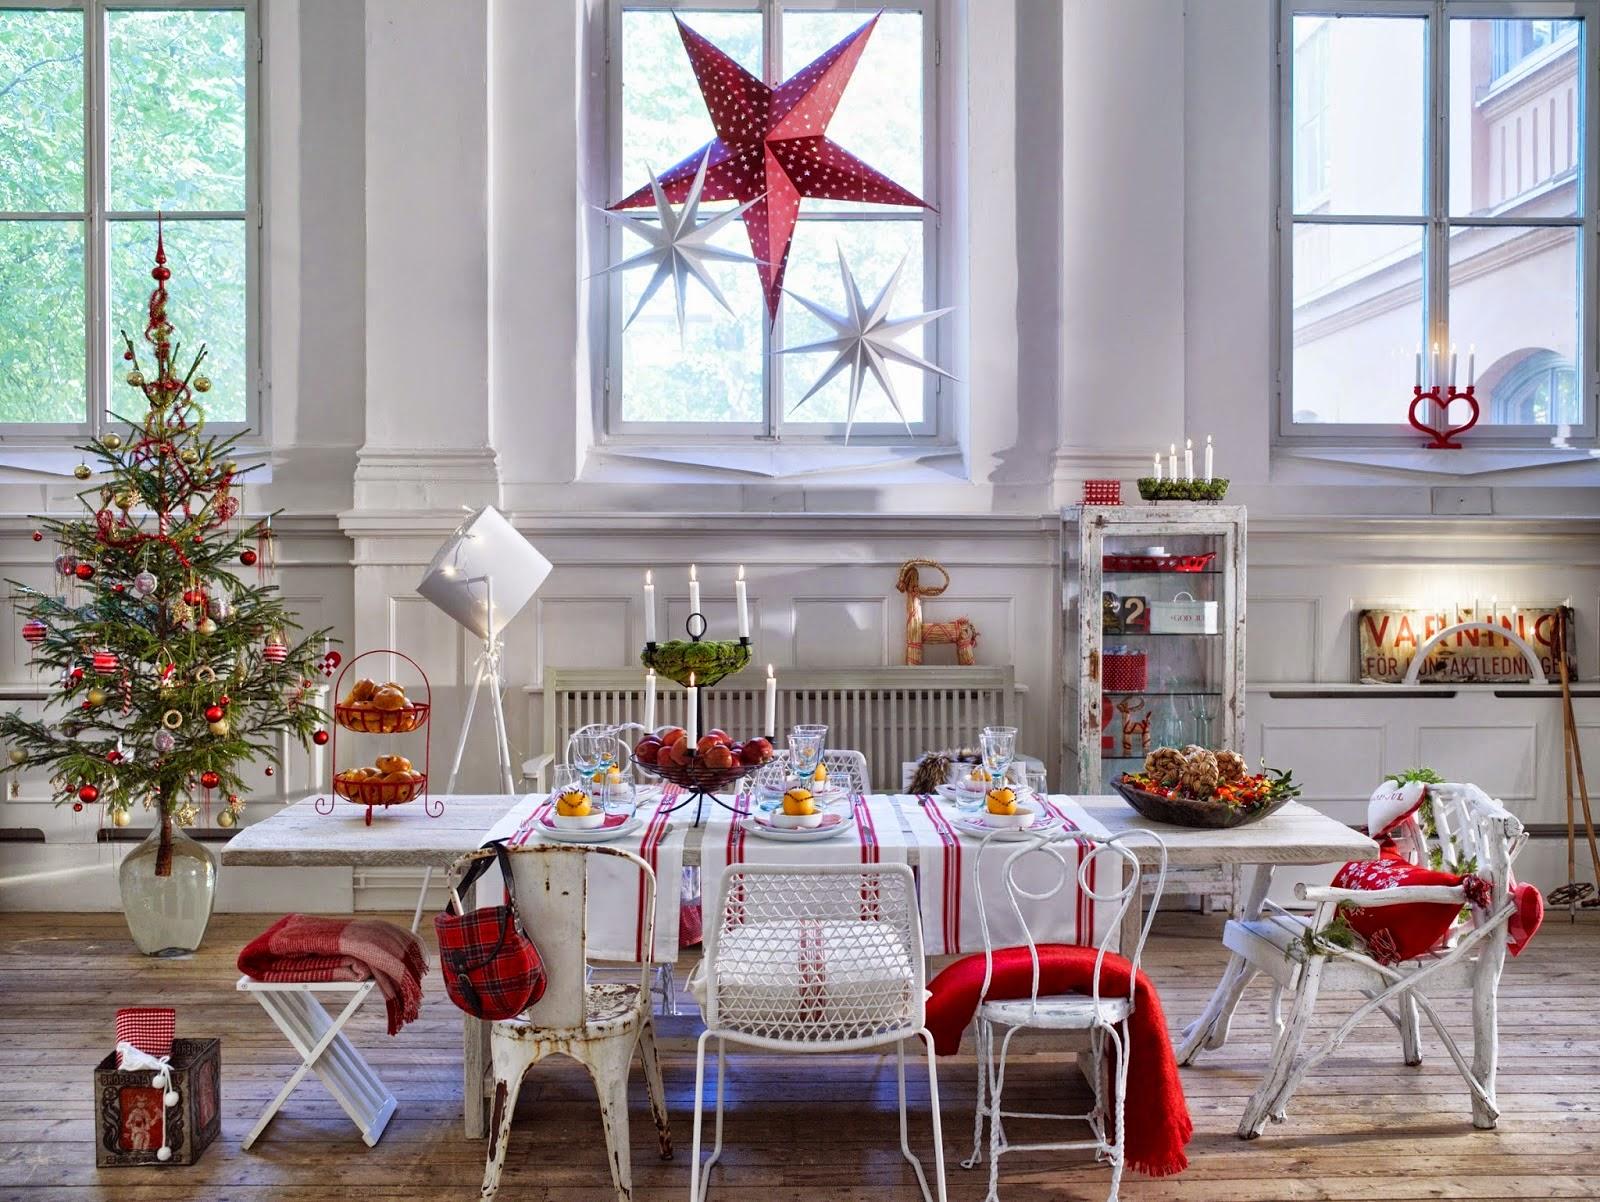 Arredare in rosso e bianco l 39 abbinamento perfetto in for Arredare casa a natale